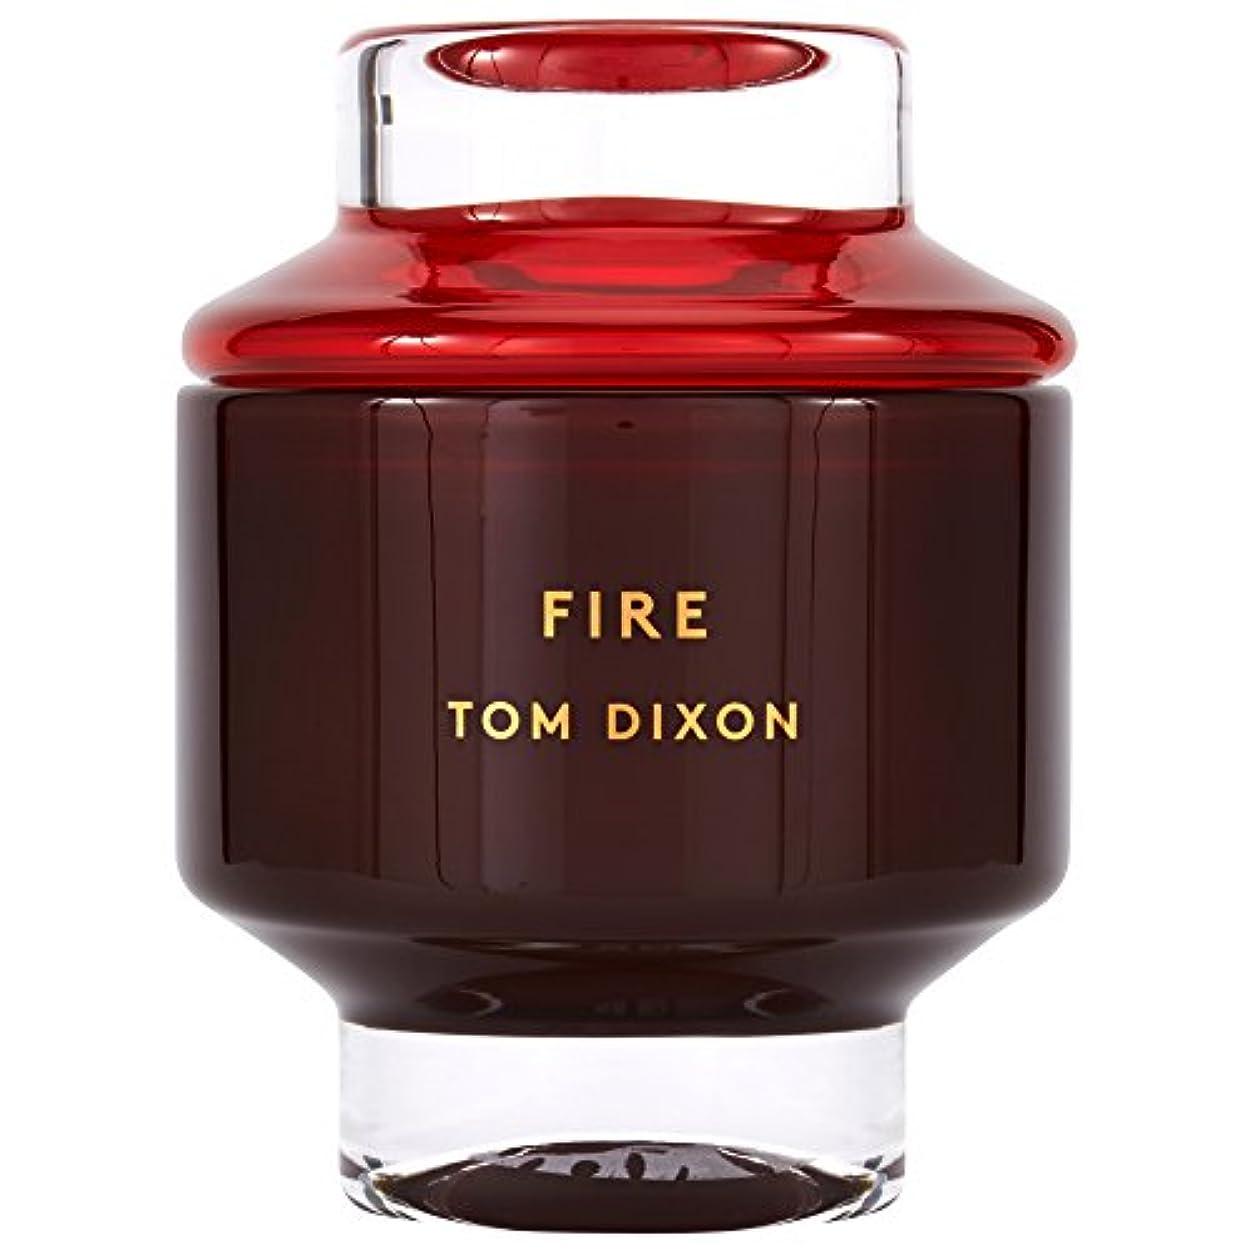 リーダーシップ約束する便利Tom Dixon Fire Scented Candle Large (Pack of 2) - トム?ディクソン火災大型香りのキャンドル x2 [並行輸入品]